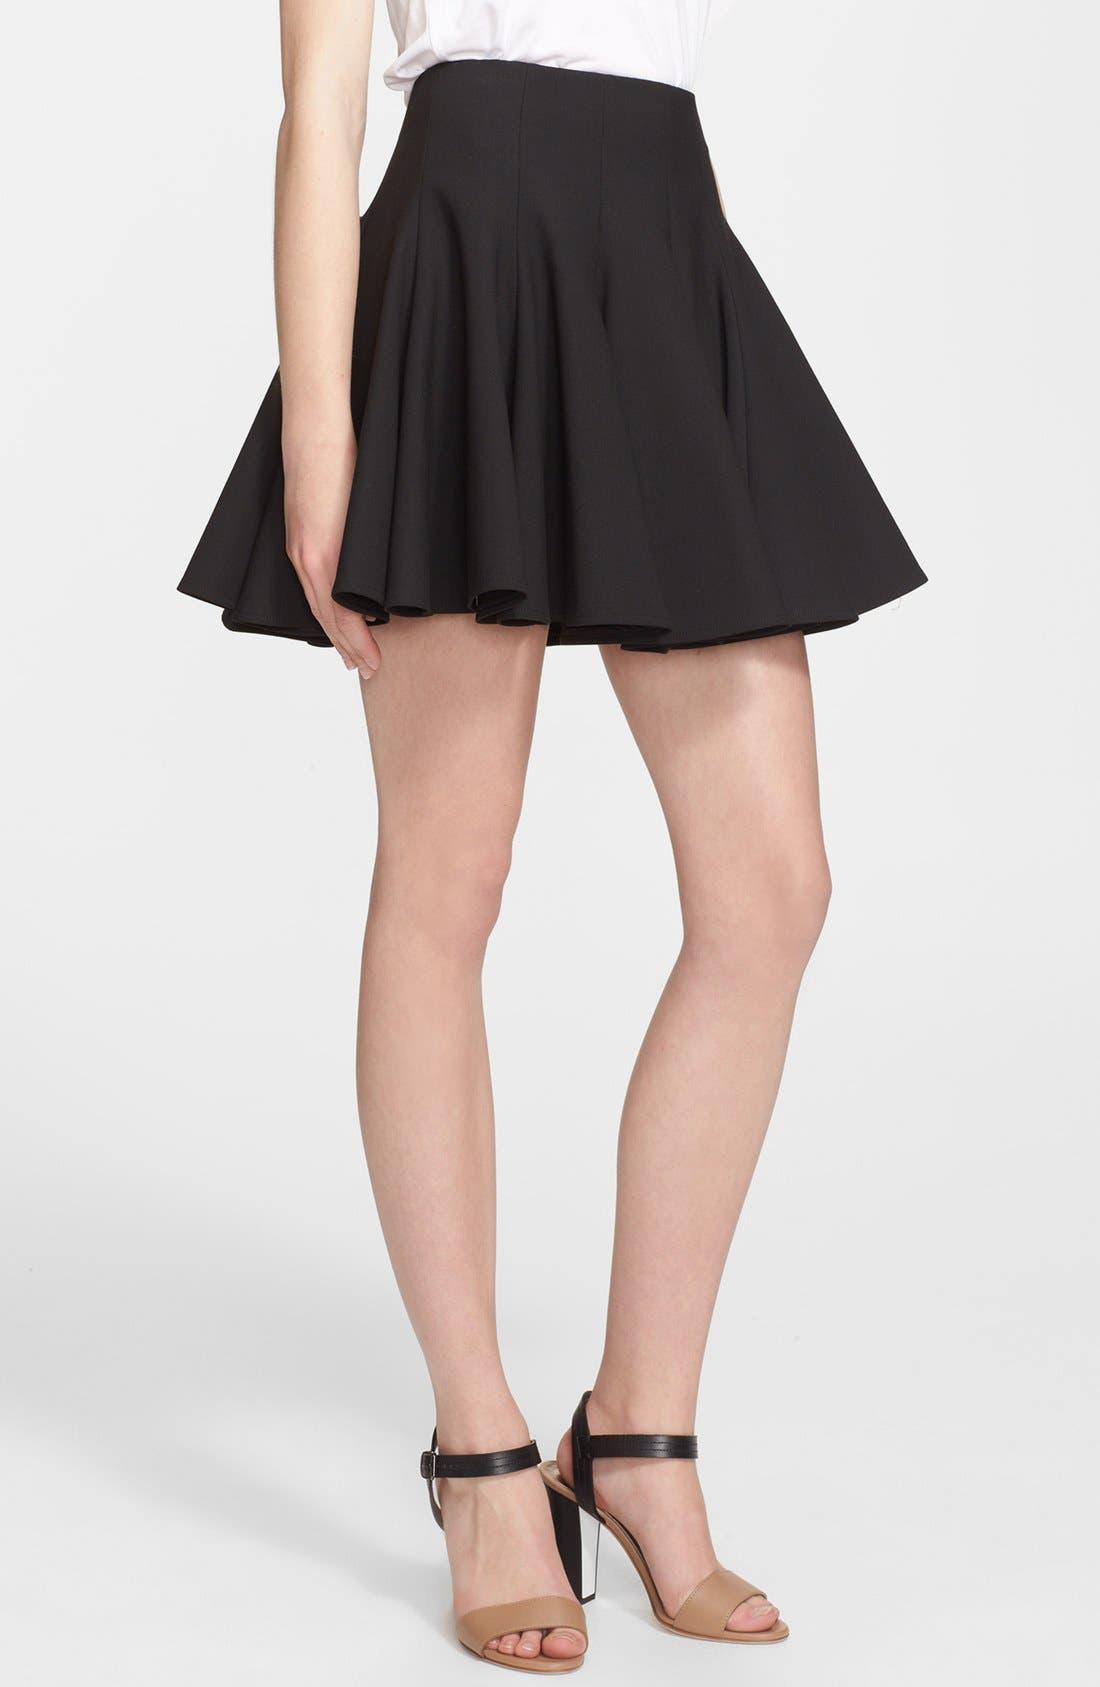 Alternate Image 1 Selected - Elizabeth and James 'Morrison' Flared Stretch Skirt